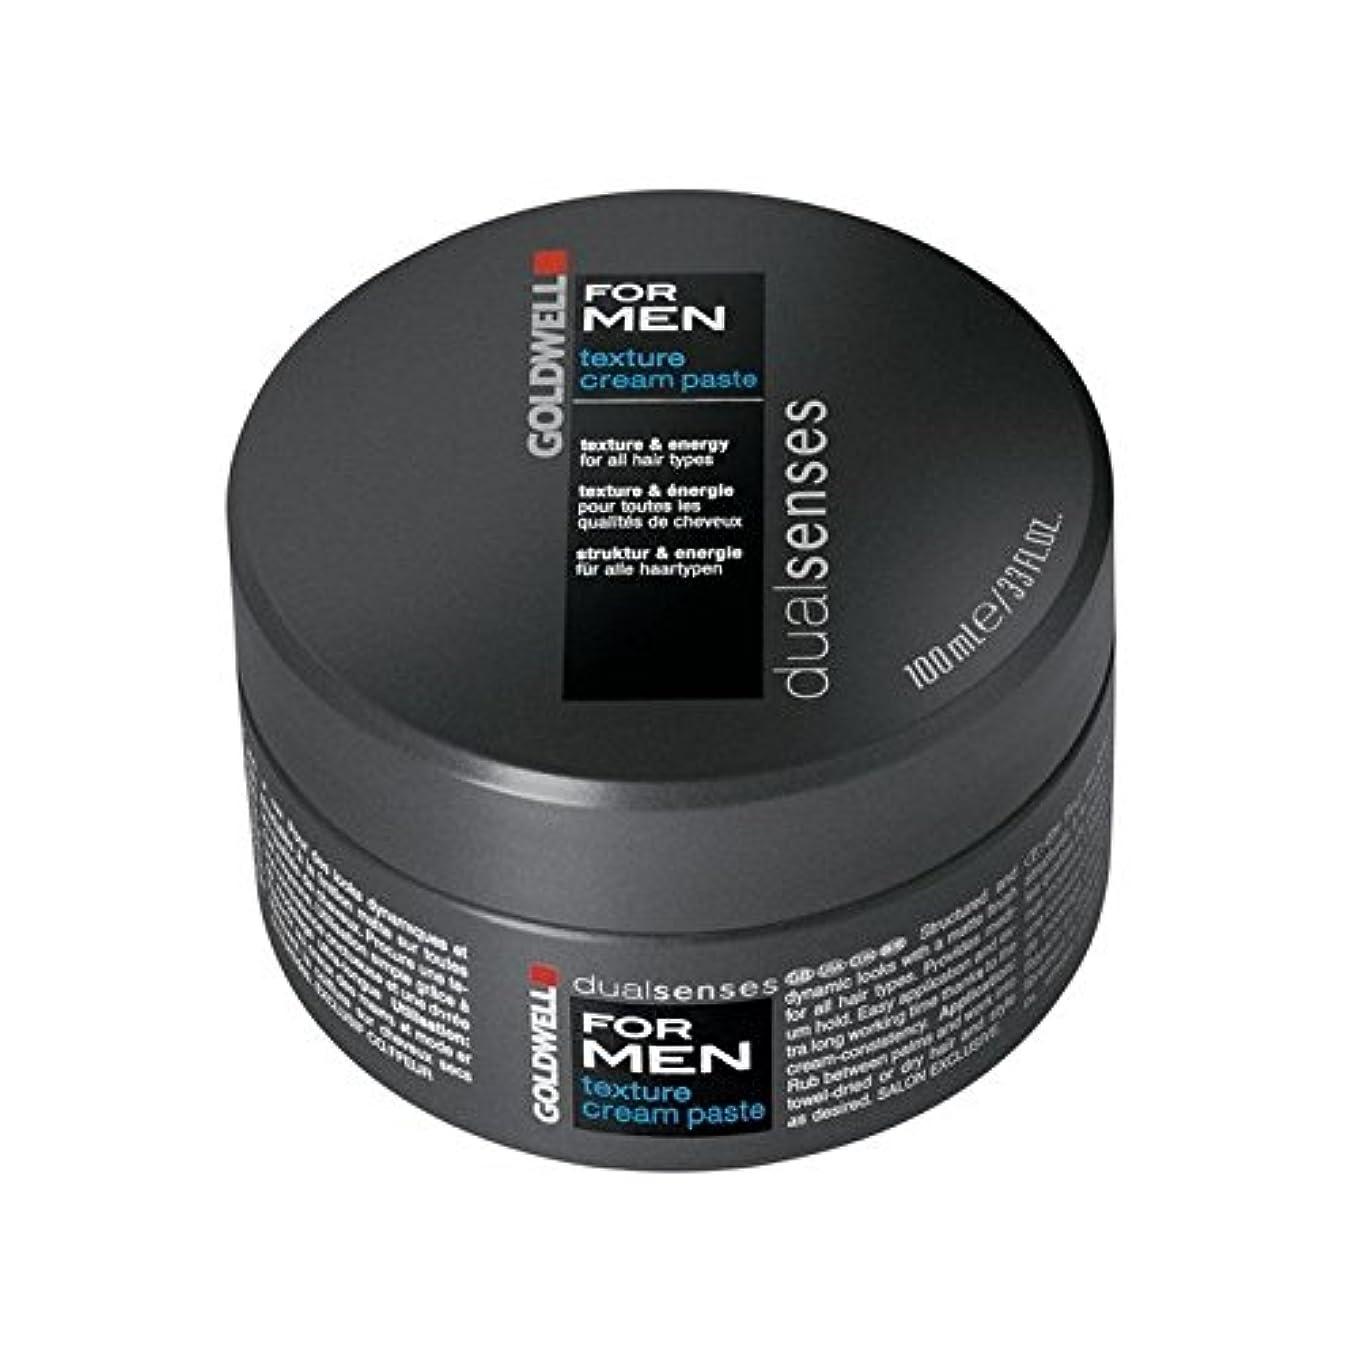 受け入れたアンドリューハリディ人事Goldwell Dualsenses For Men Texture Cream Paste (100ml) - 男性のテクスチャーのクリームペースト(100ミリリットル)のためのの [並行輸入品]